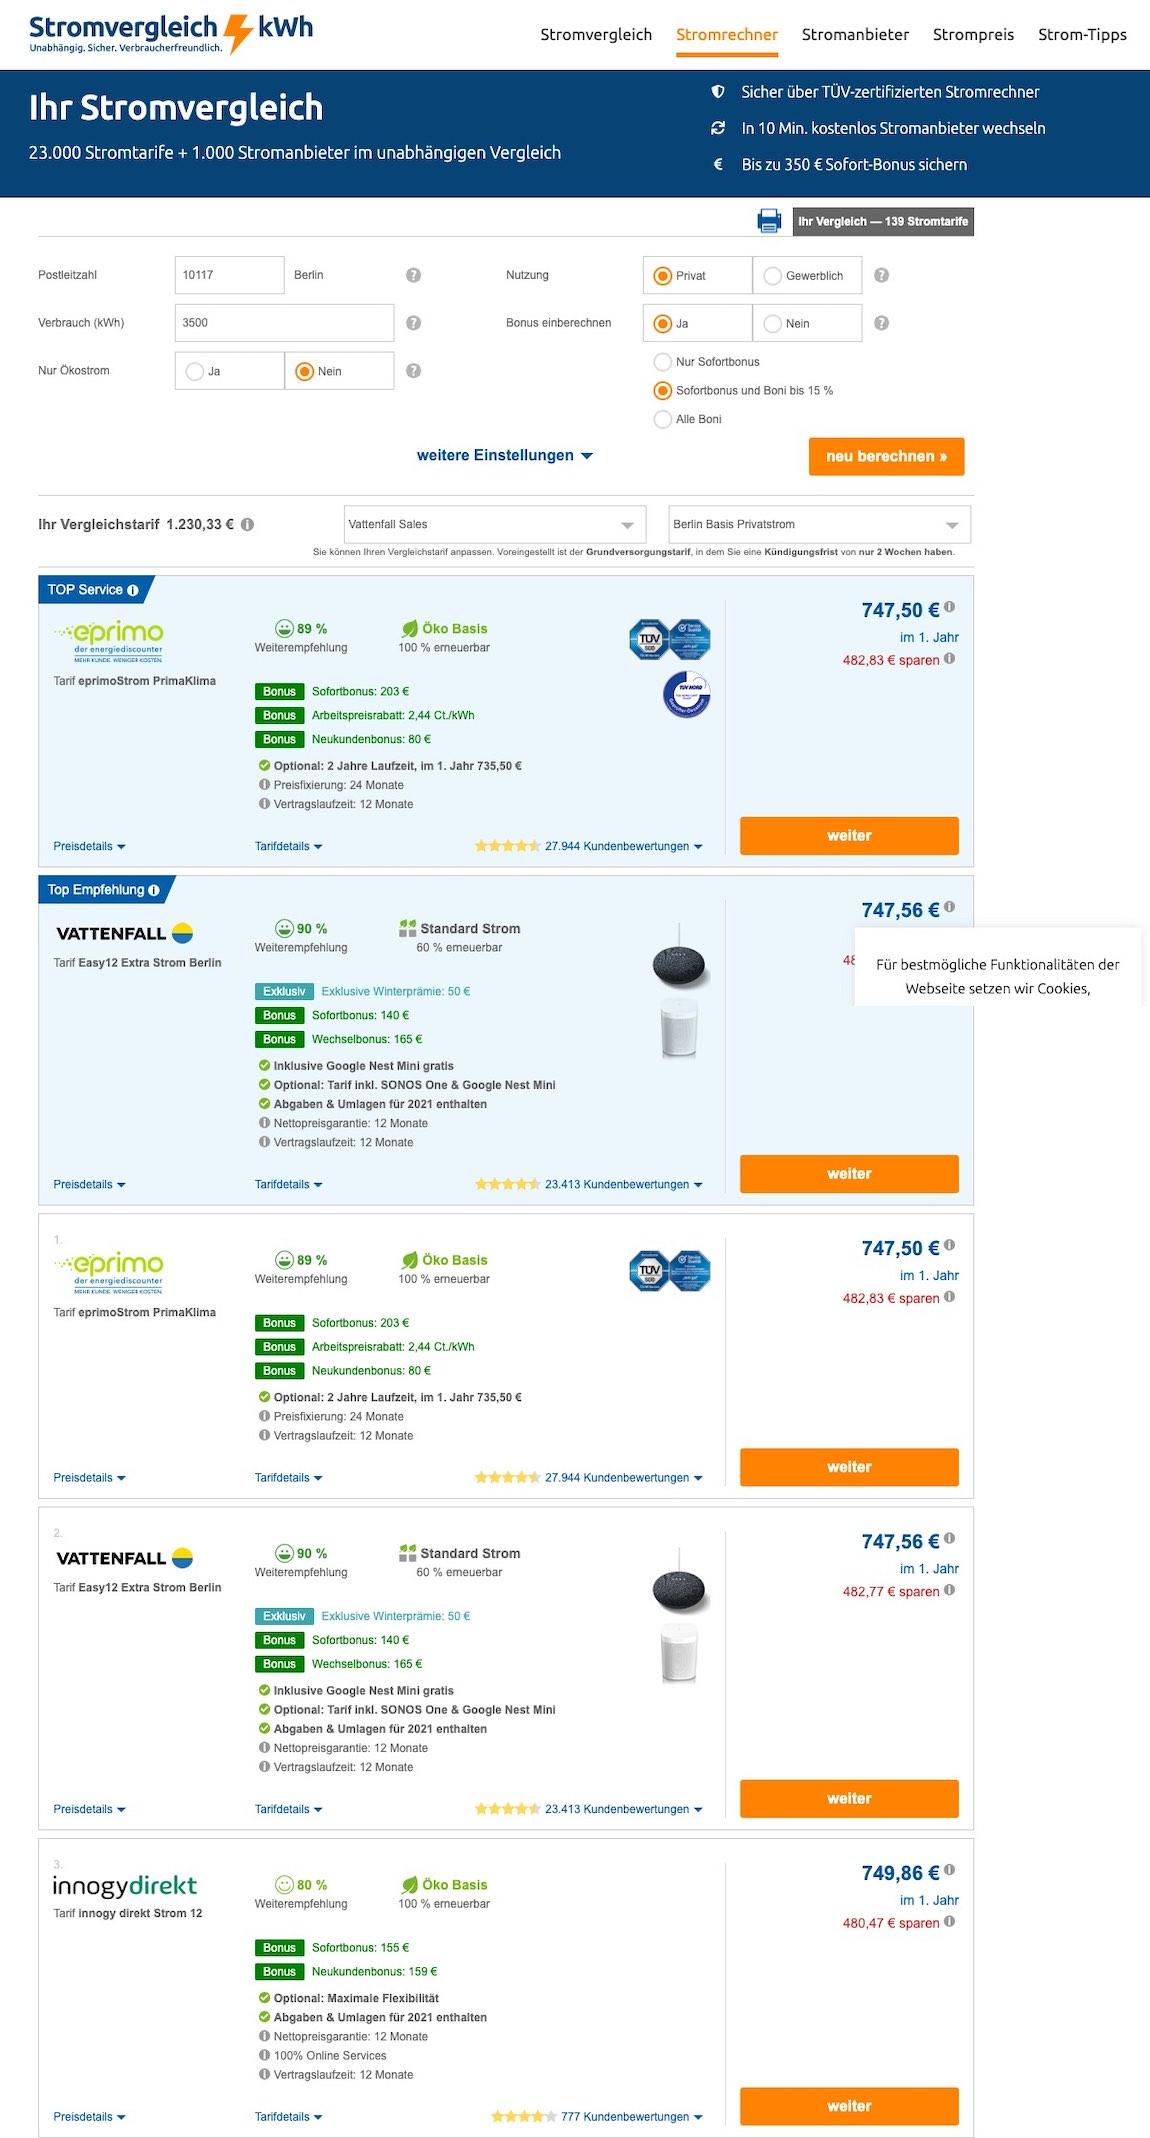 eprimo-Strompreise im Stromvergleich